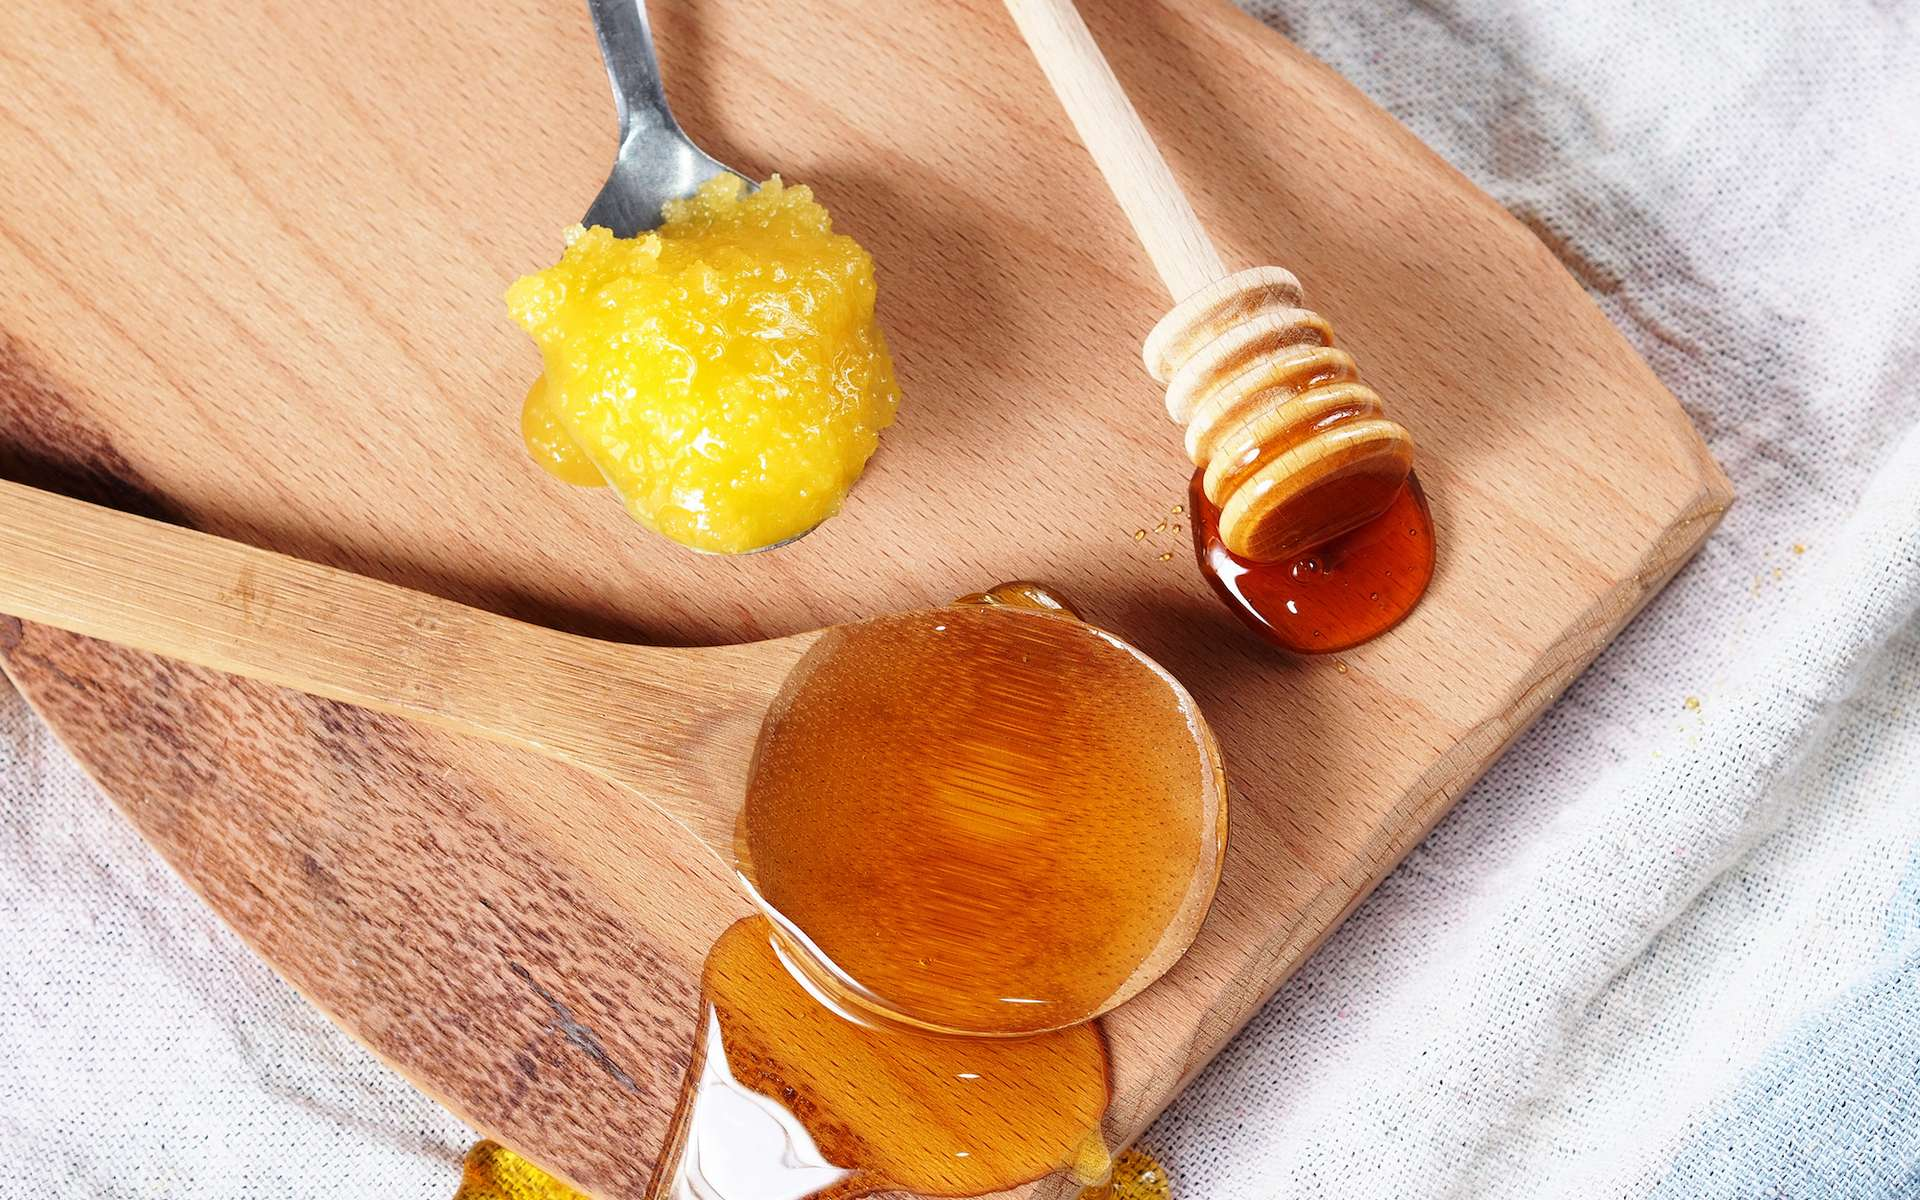 Le miel se cristallise naturellement au cours du temps, selon sa composition et la température. © tenkende, Adobe Stock